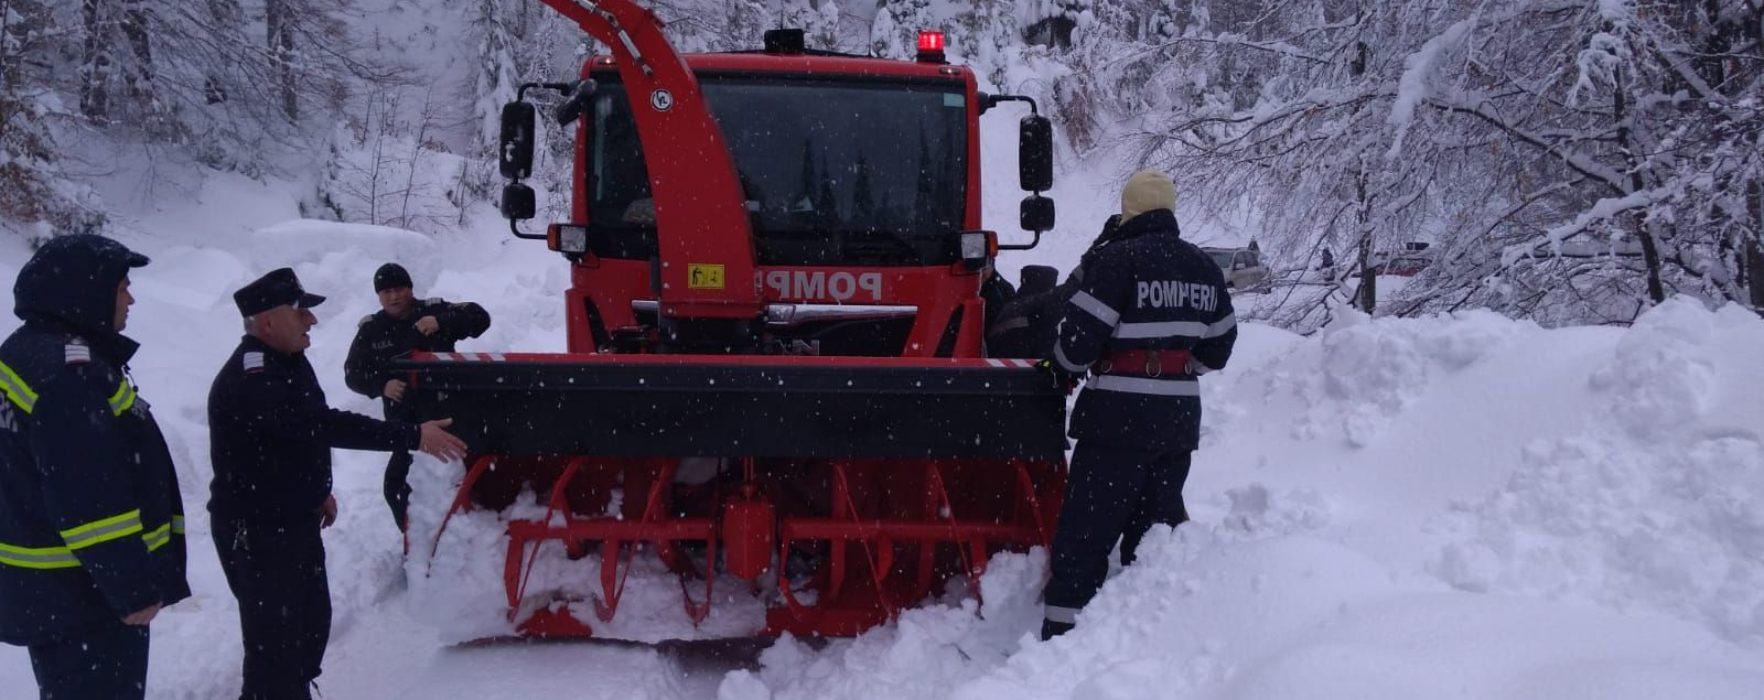 Dâmboviţa: DJ 714 – drumul de acces către Peştera a fost deszăpezit